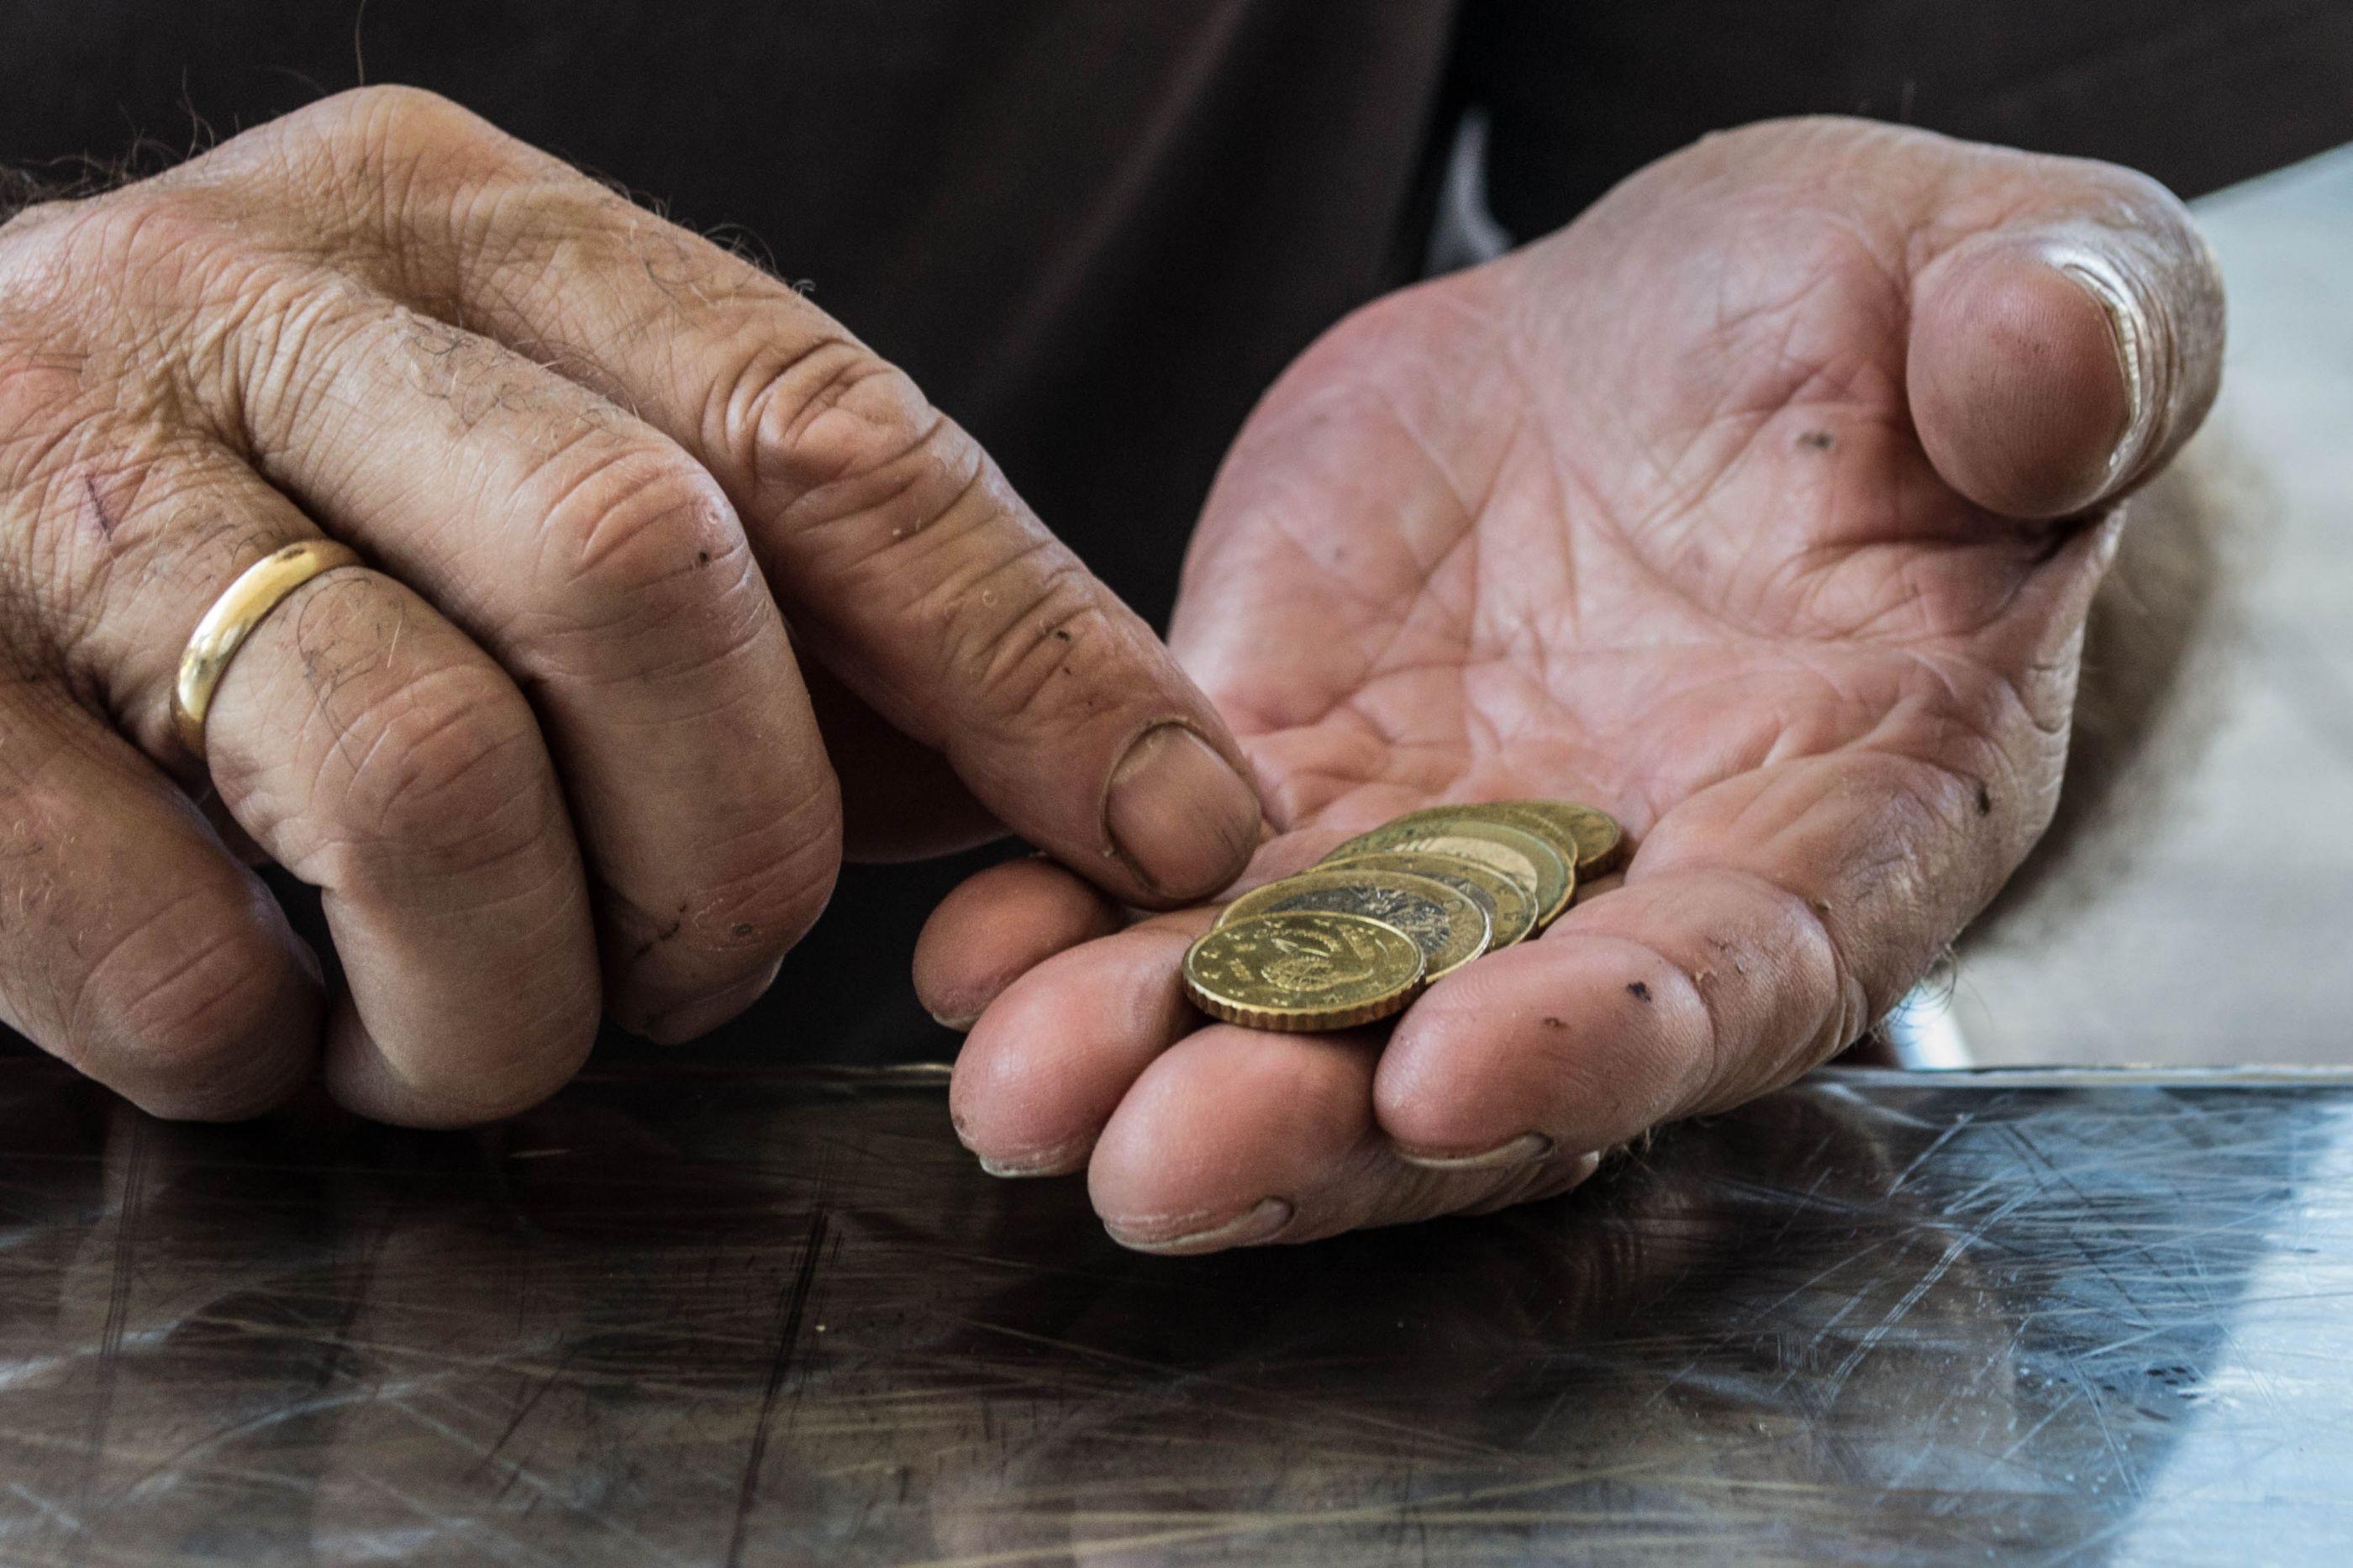 Casal burla cinco mil euros a idoso. Ficou sem dinheiro para comer